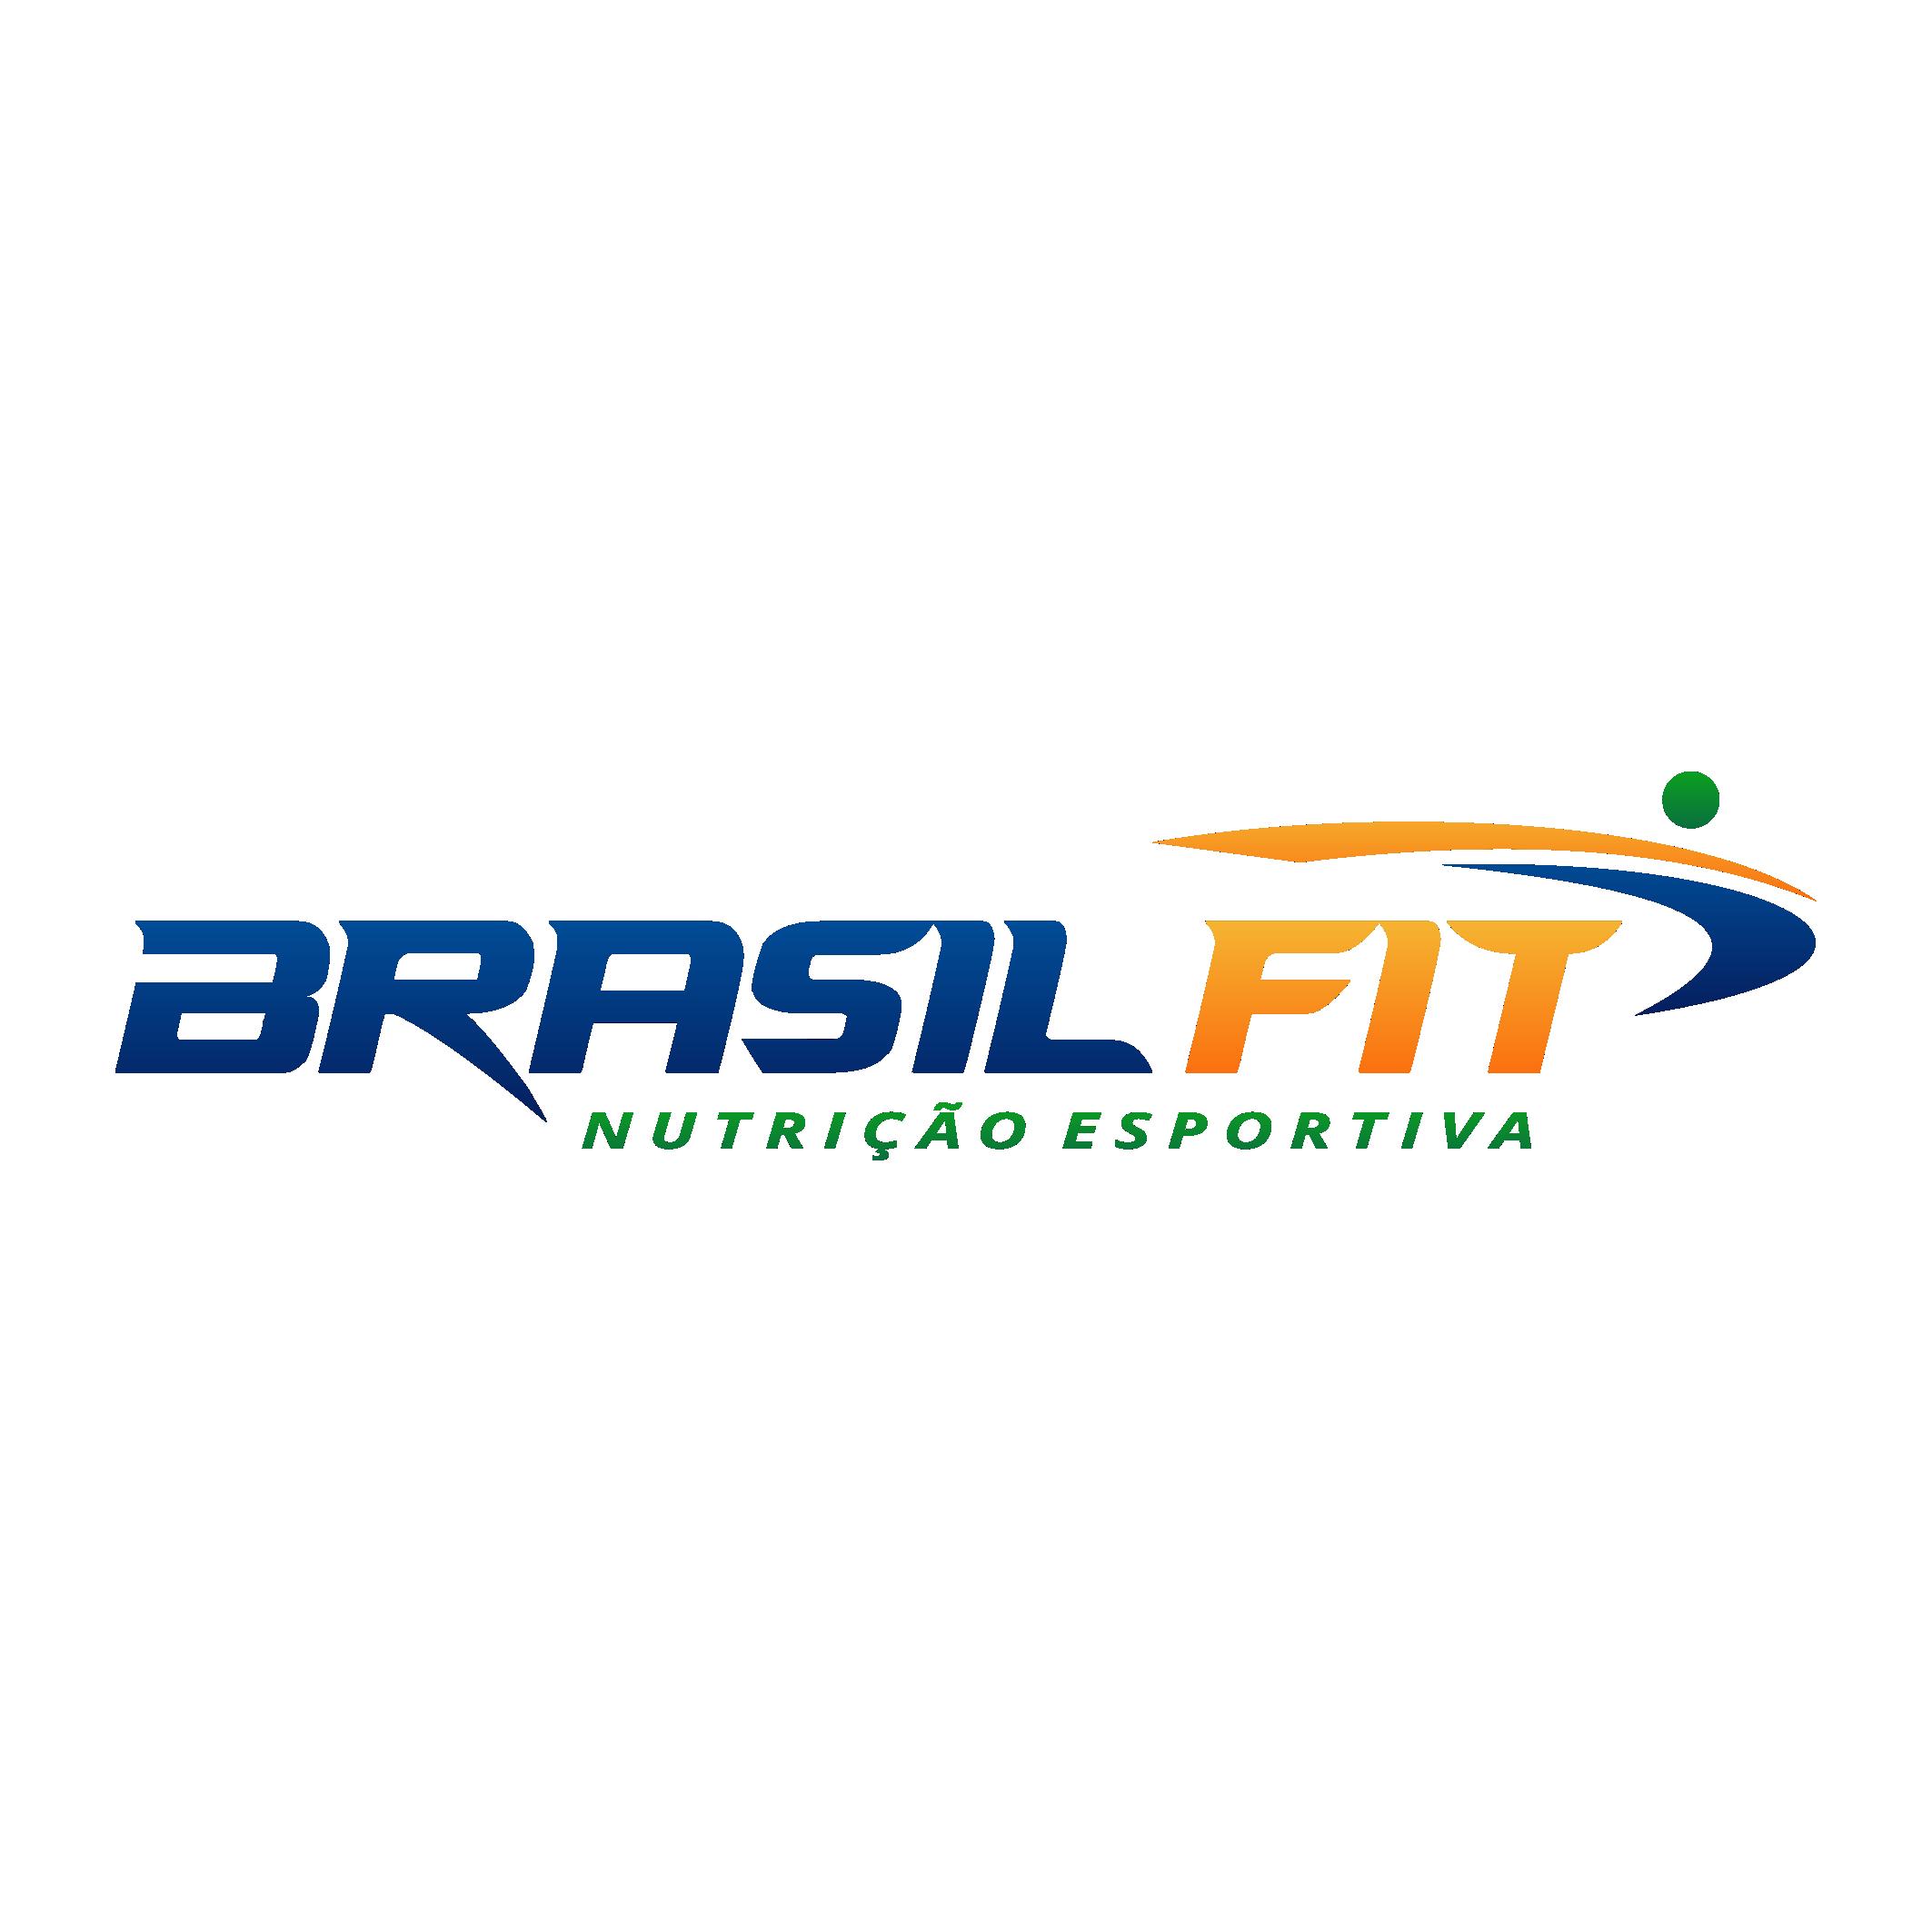 BrasilFit Nutrição Esportiva